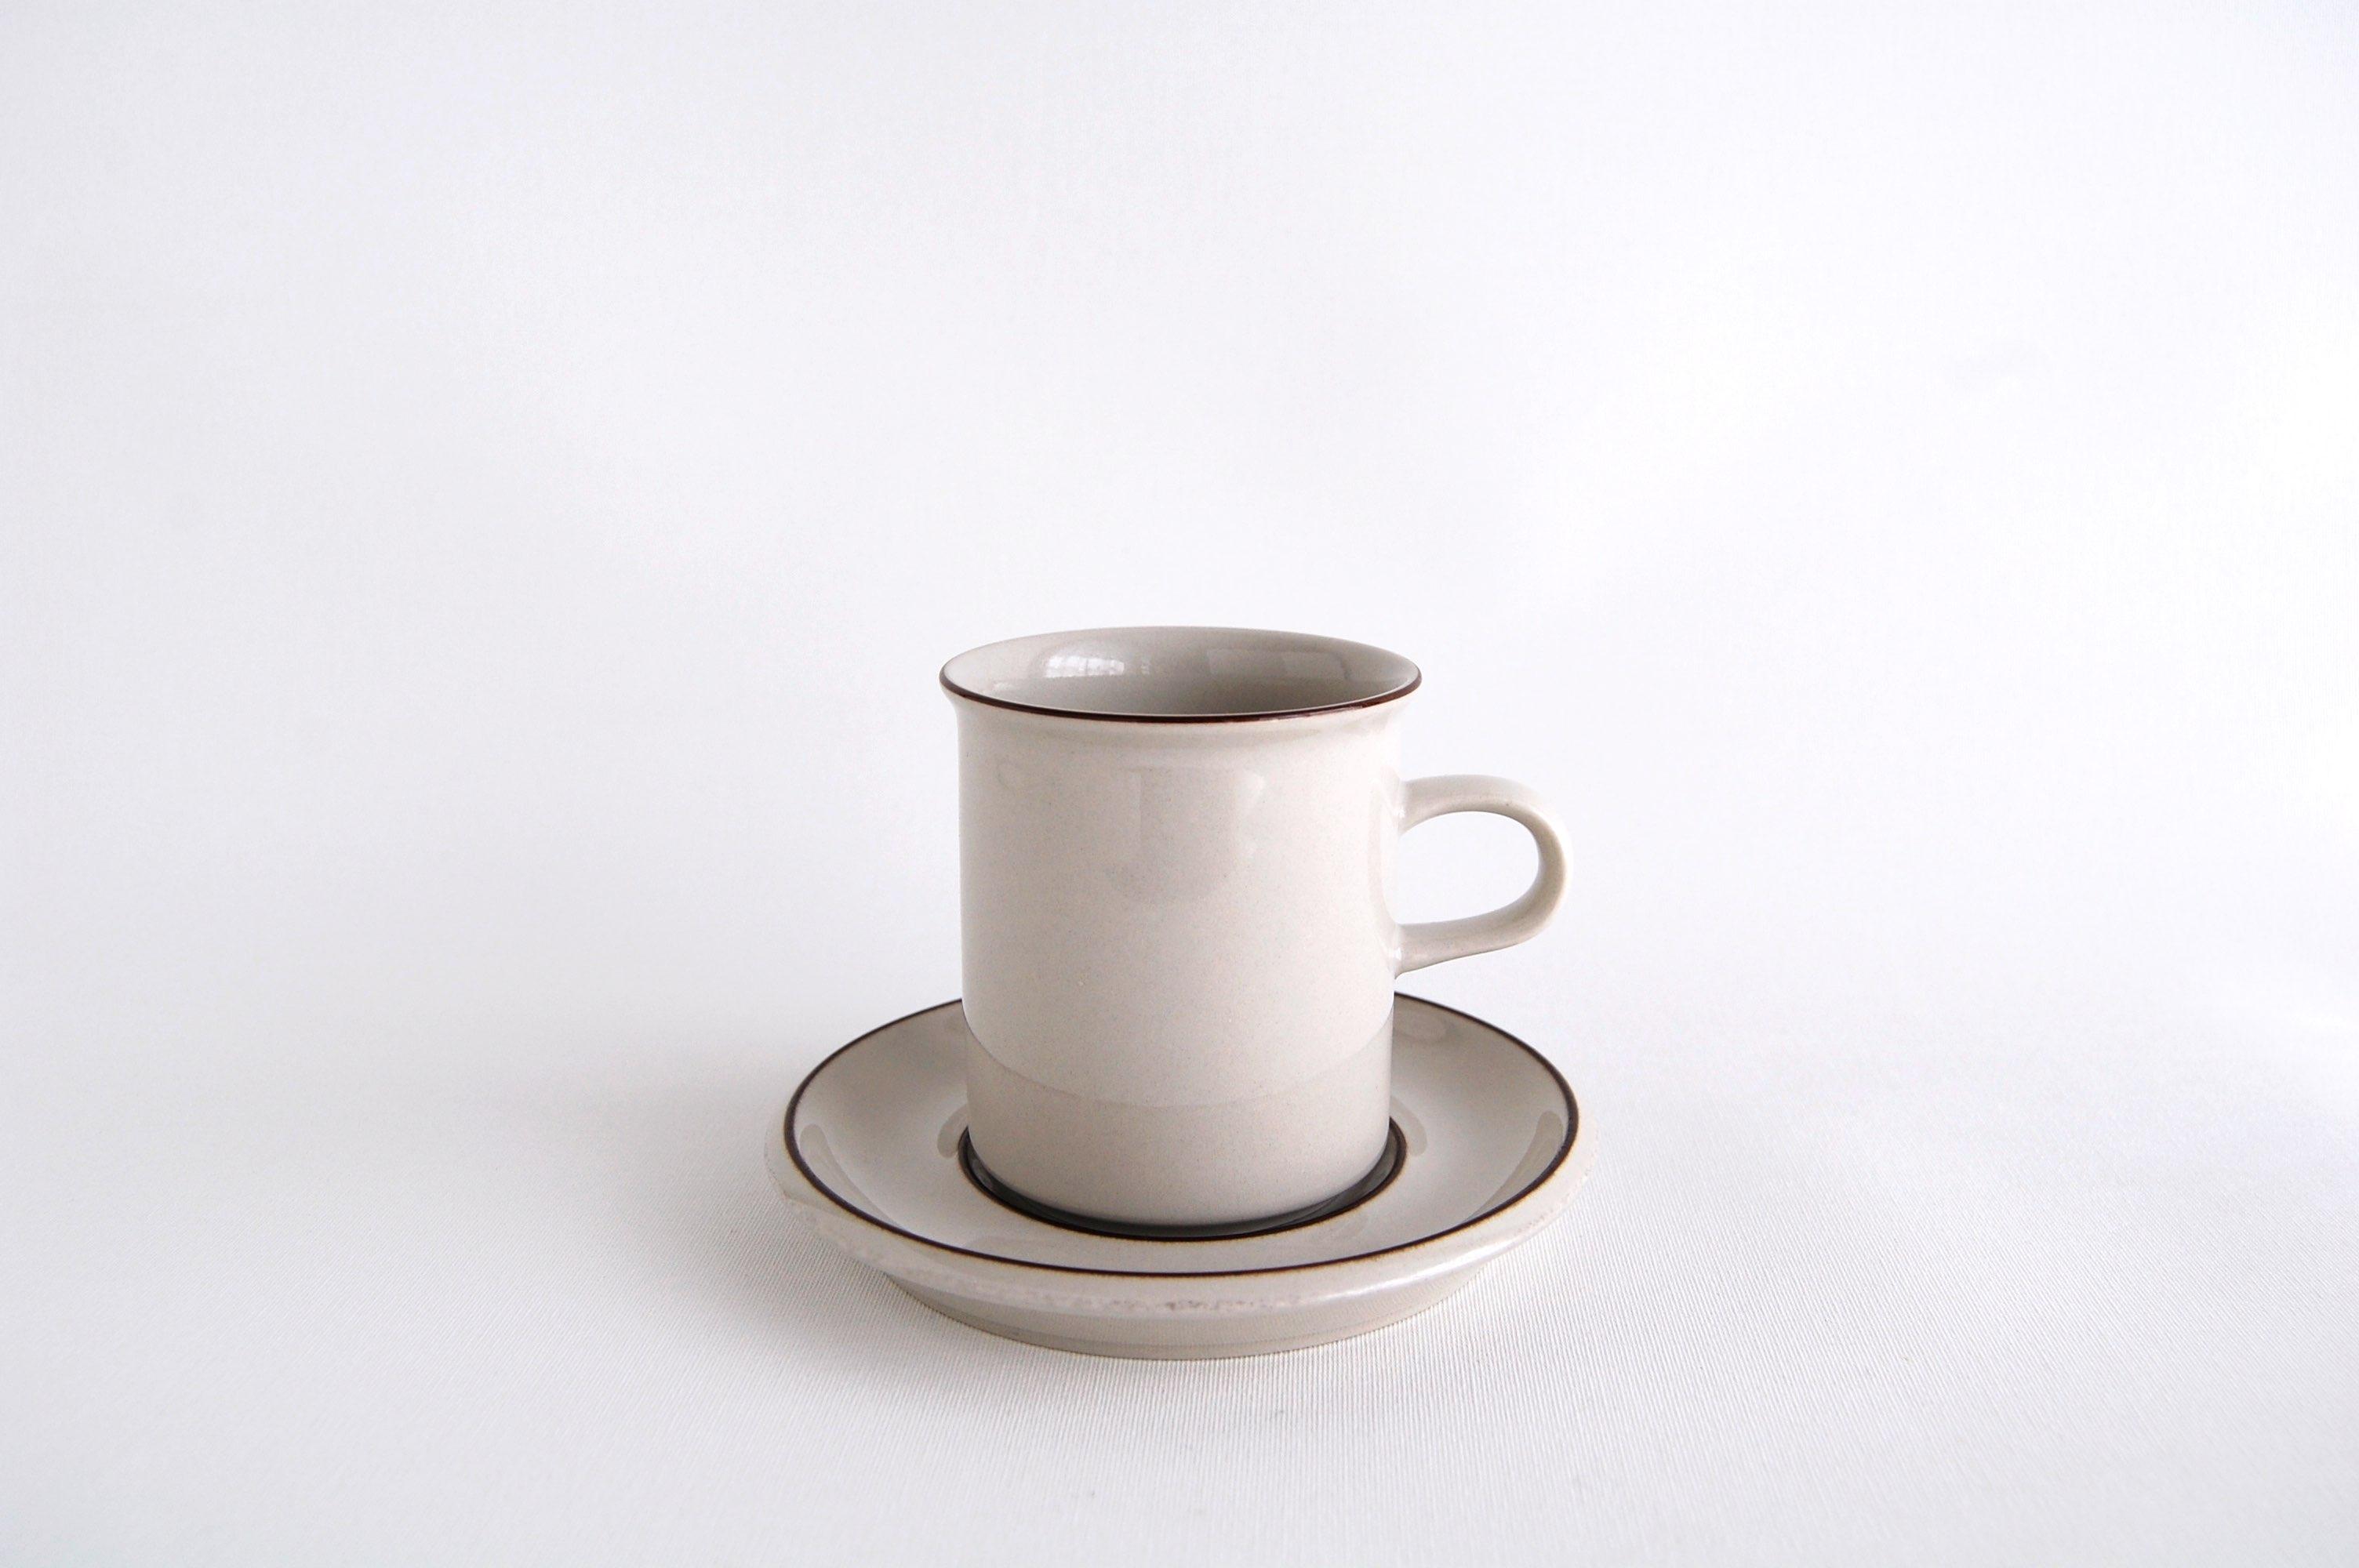 ARABIA/アラビア  Fennica/フェニカ コーヒーカップ&ソーサー 002